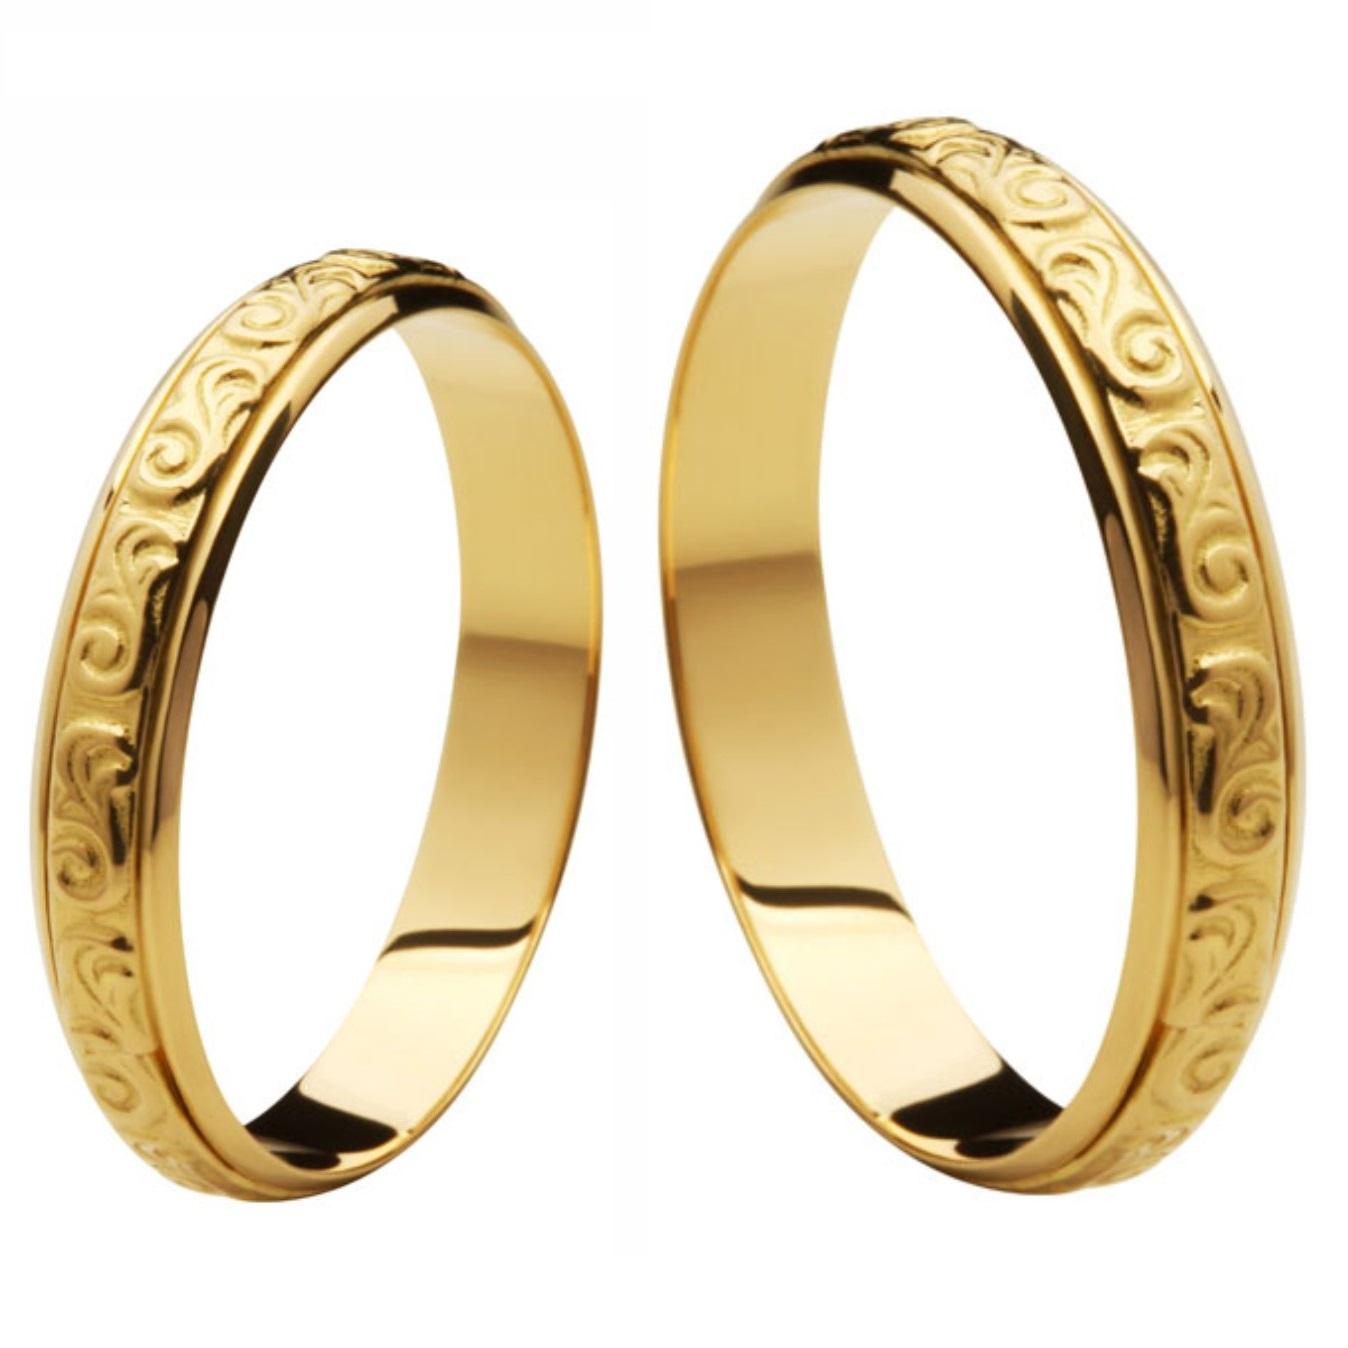 Aliança Bodas de Ouro, Ouro 18k / 750 - Abaulada, Texturizada - O PAR